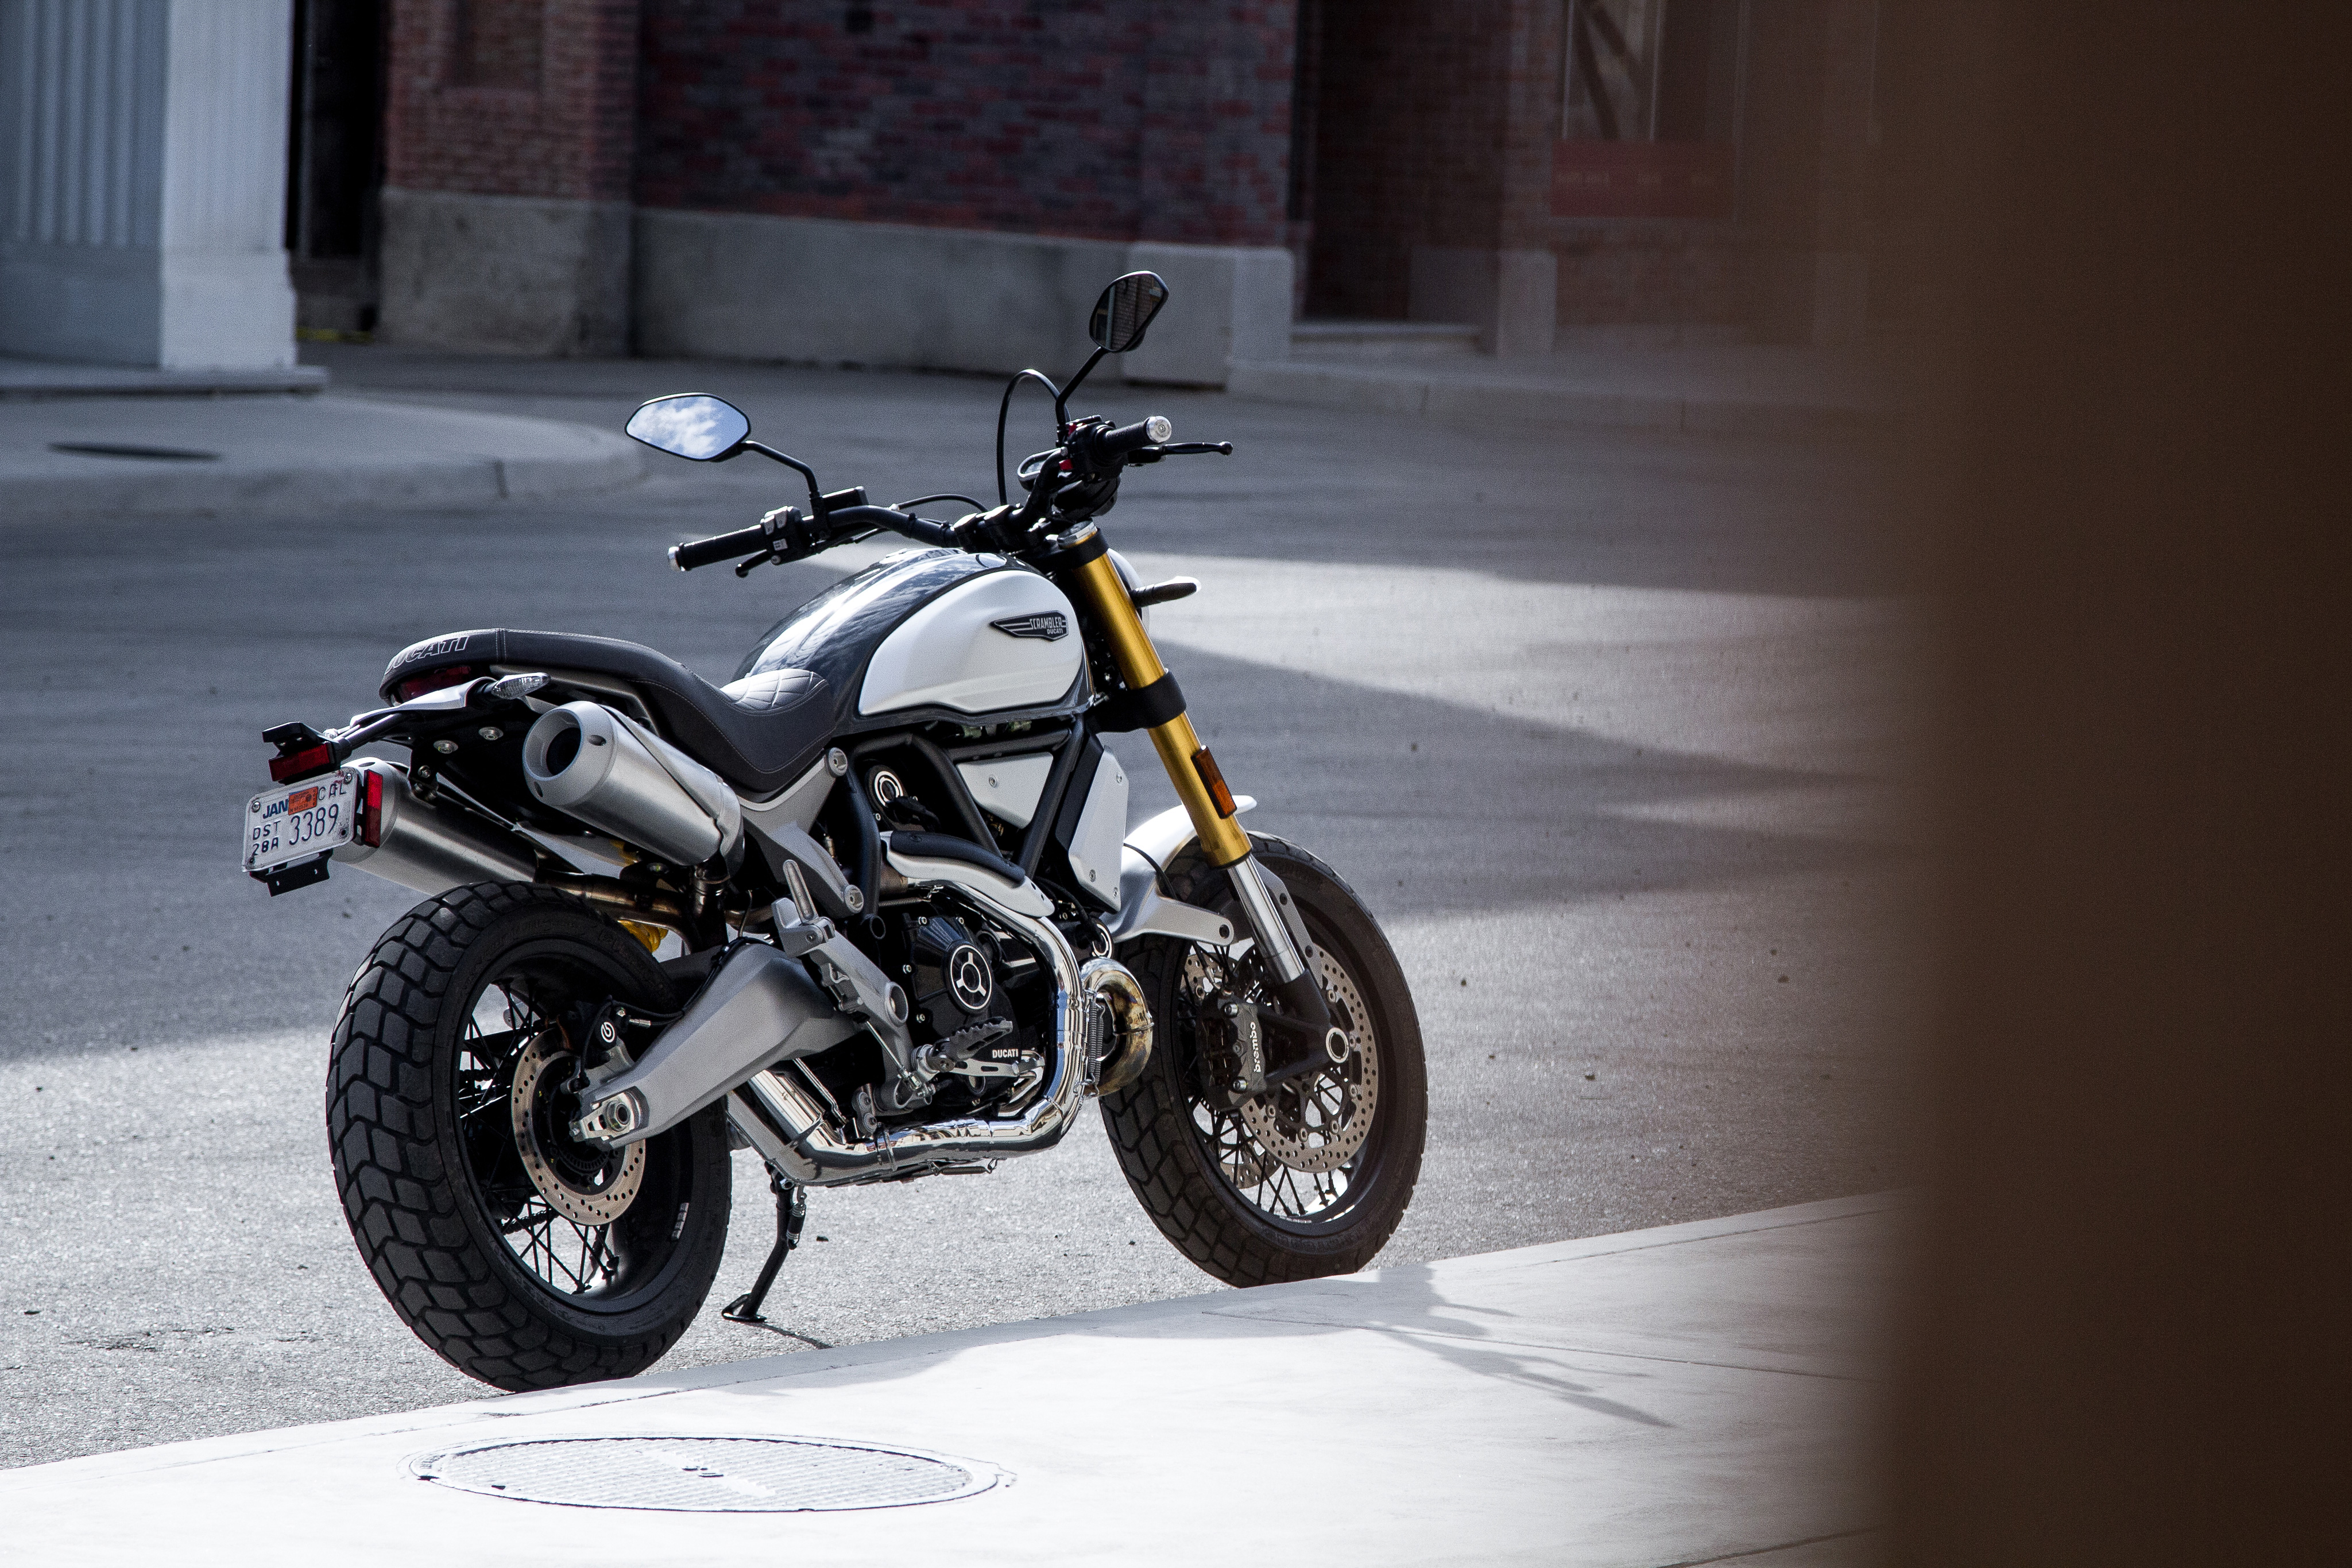 Ducati Scrambler 1100 2018, HD Bikes, 4k Wallpapers